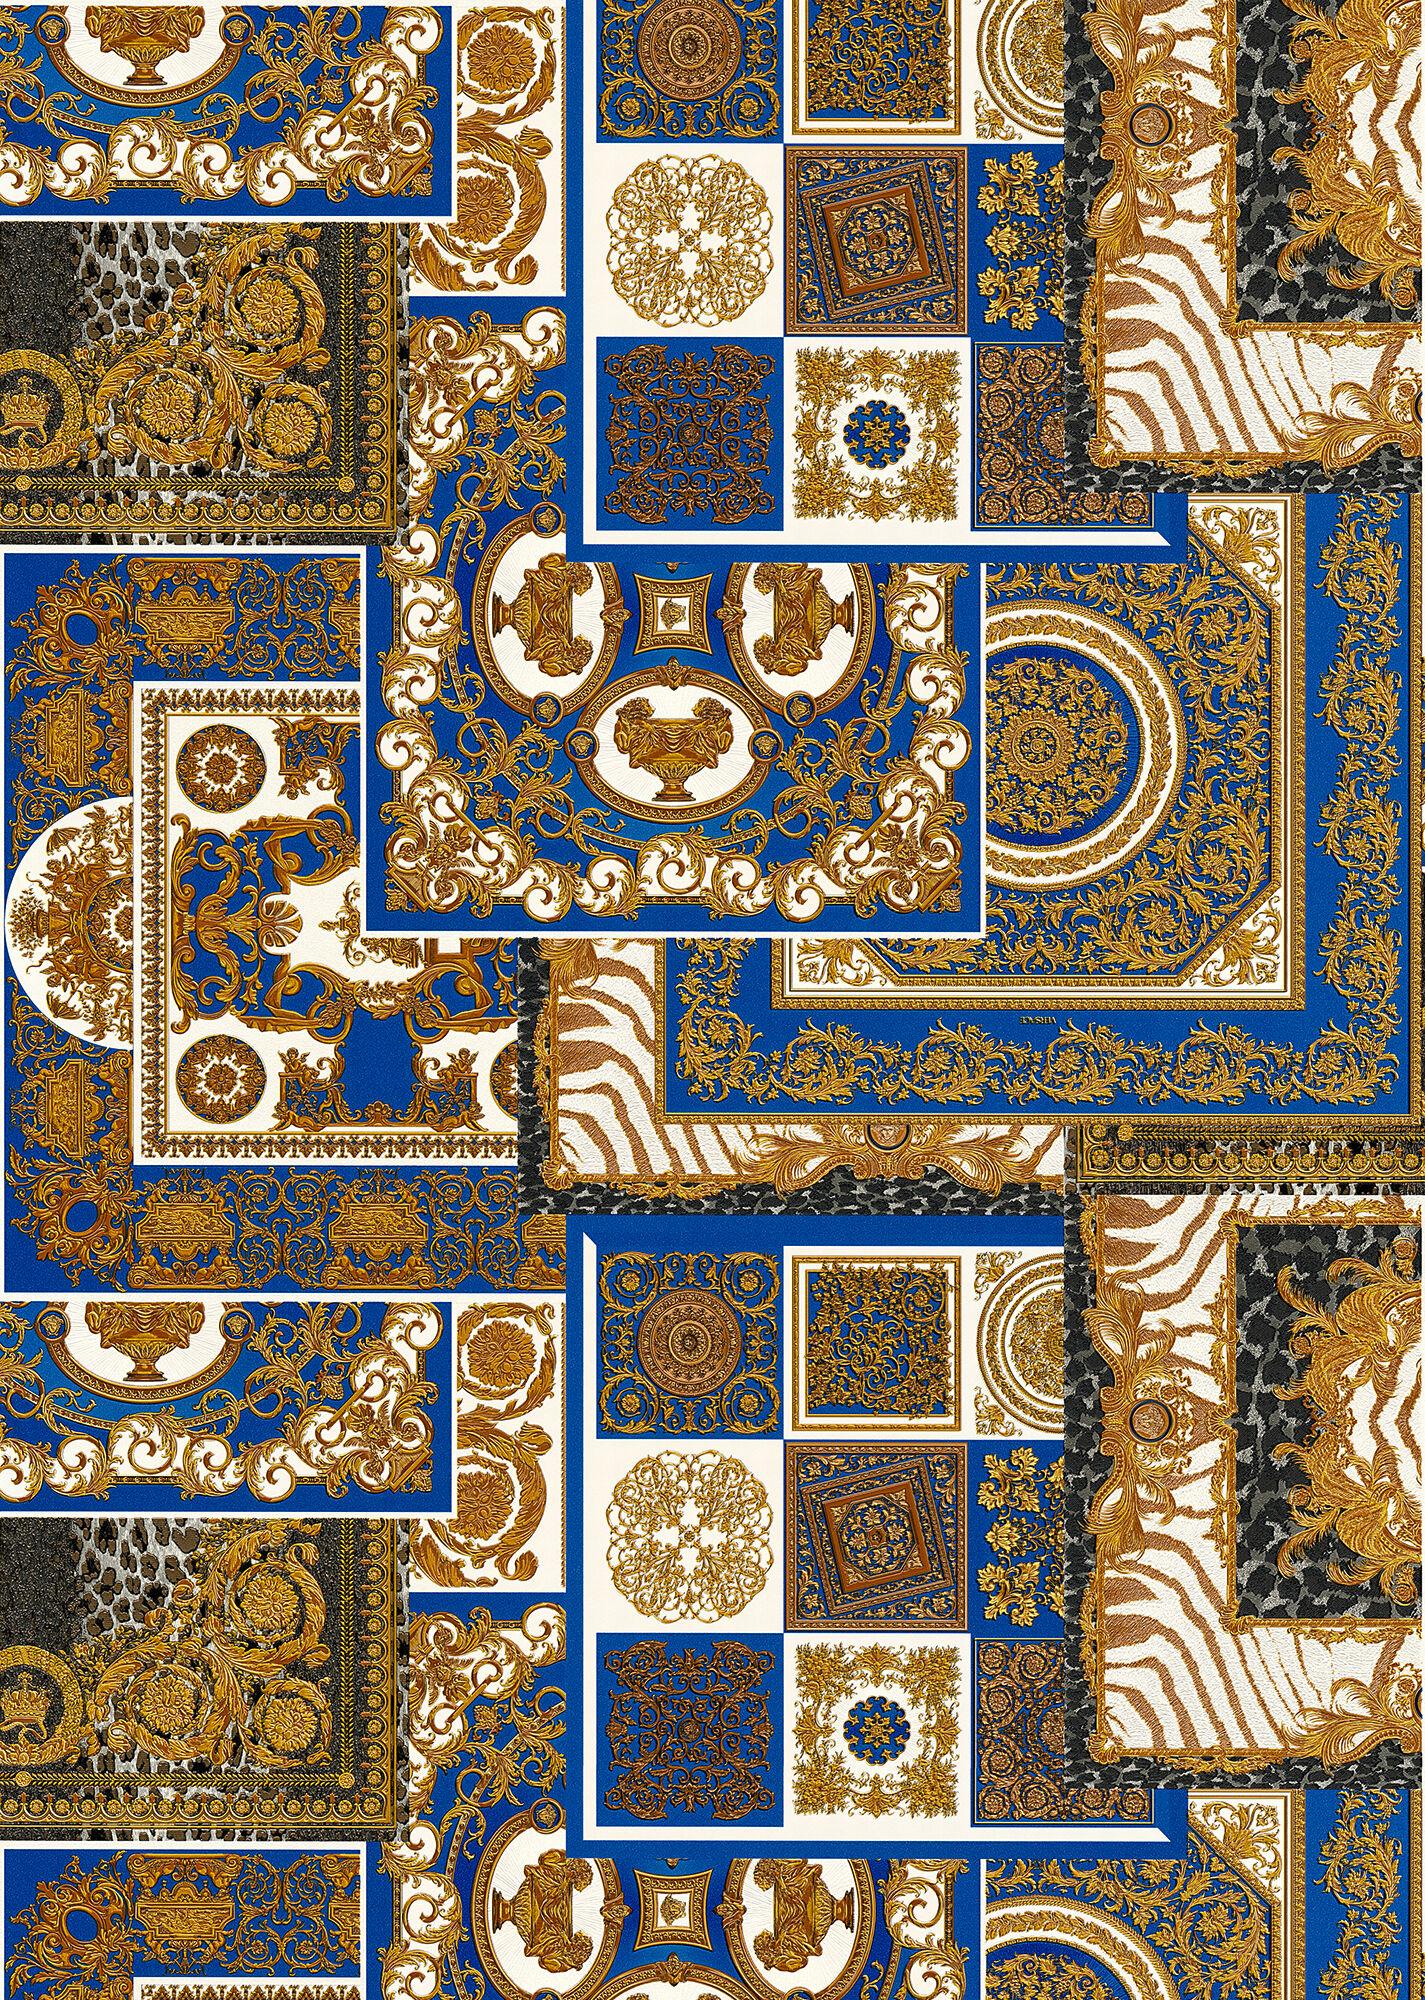 90 WY W1 WYNUL 20 BlueDcoupagePrintWallpaper Wallpaper versace online store 0 2